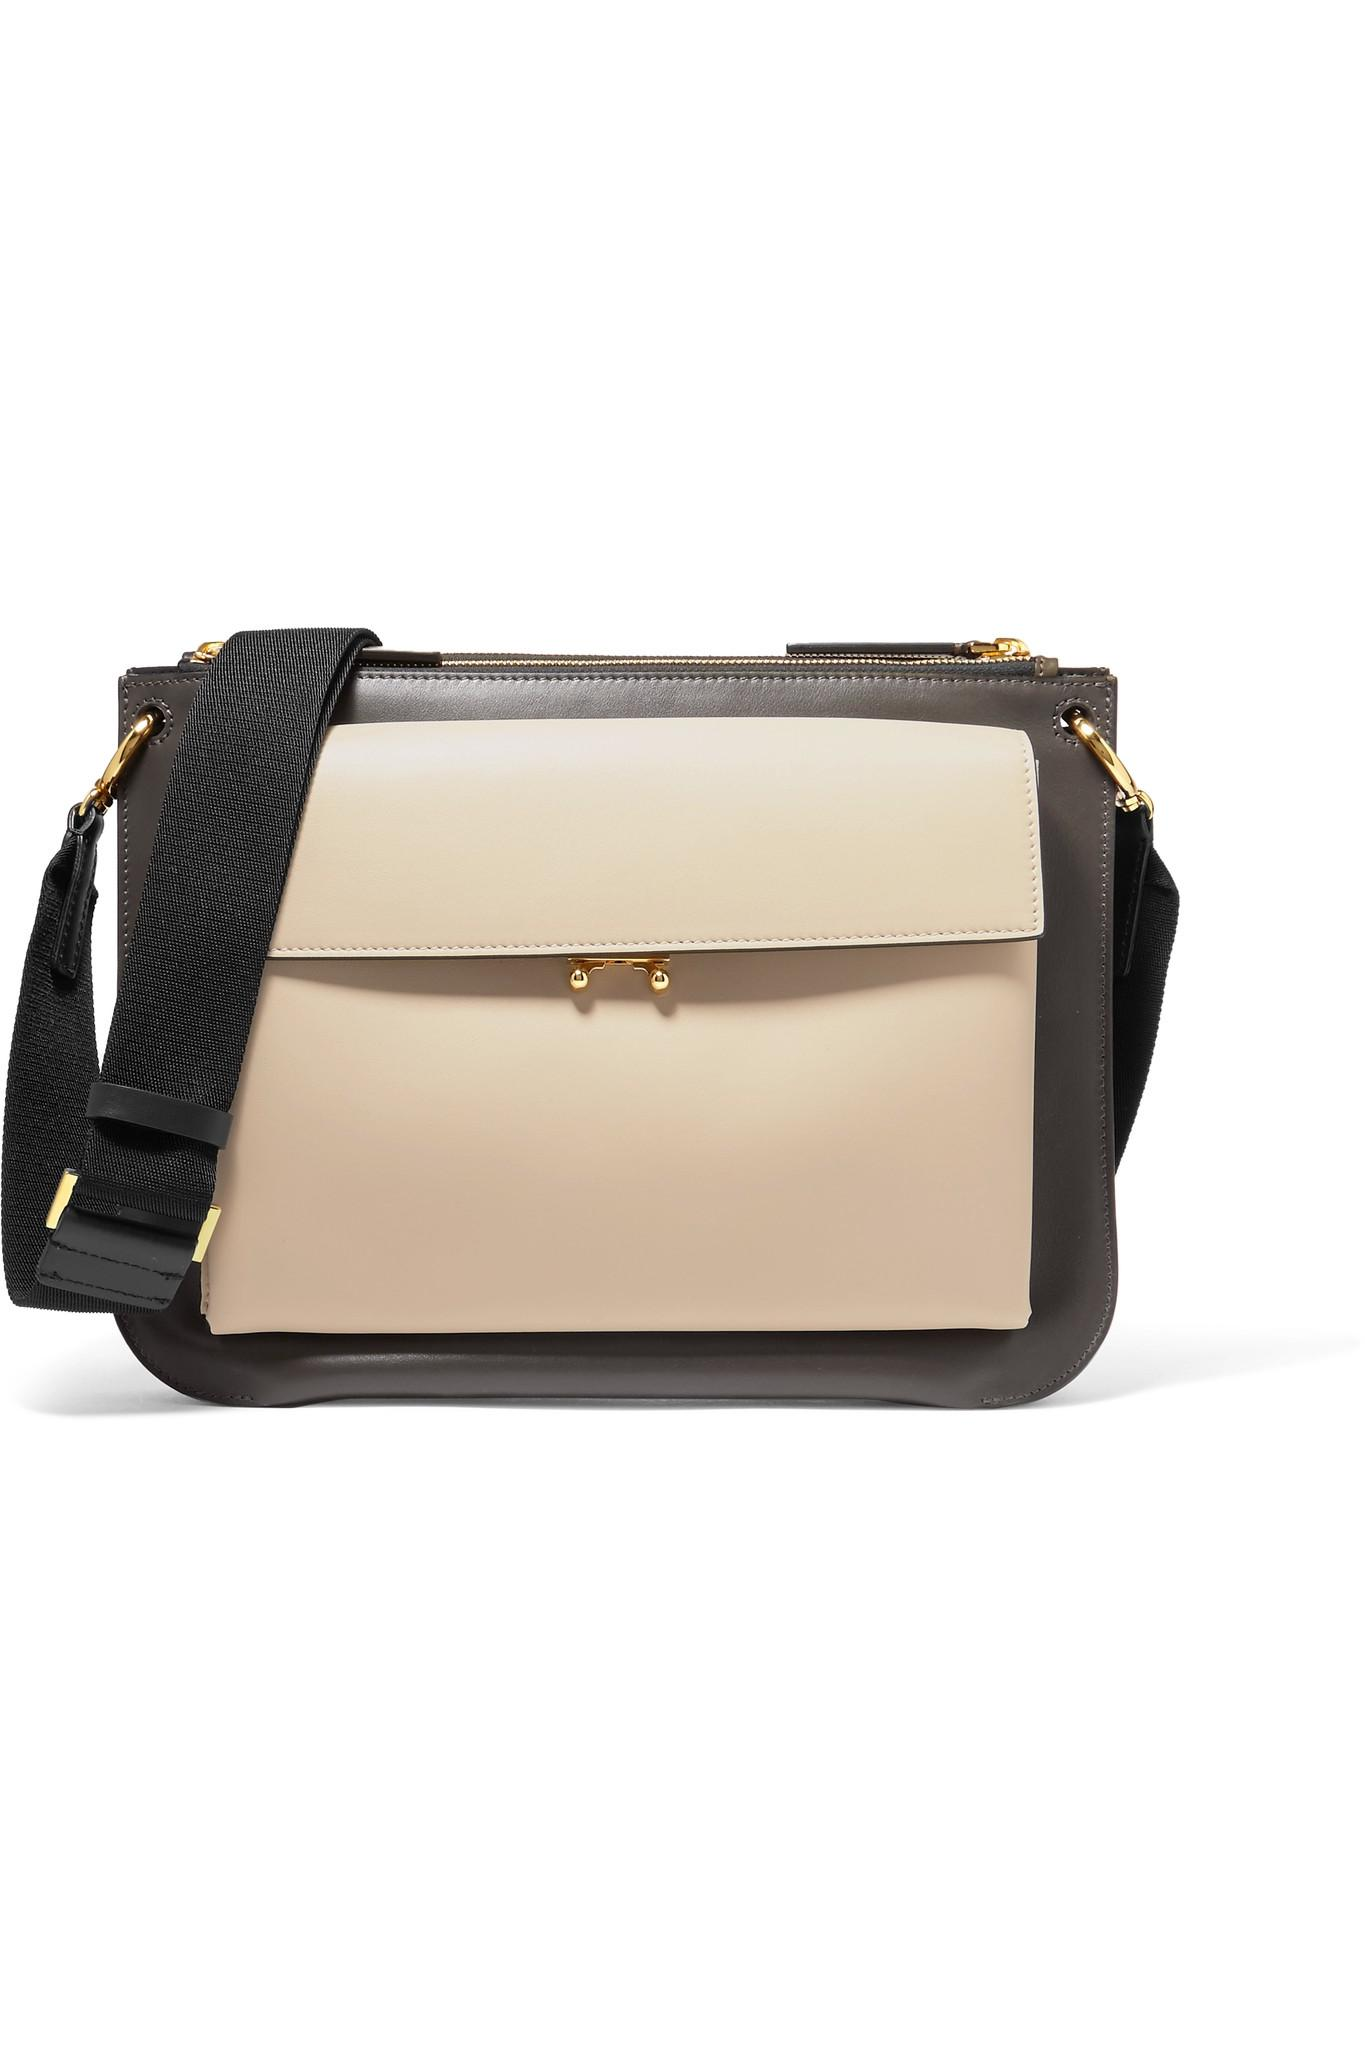 Bandoleer Black Leather Shoulder Bag Marni 4P6ArWbu